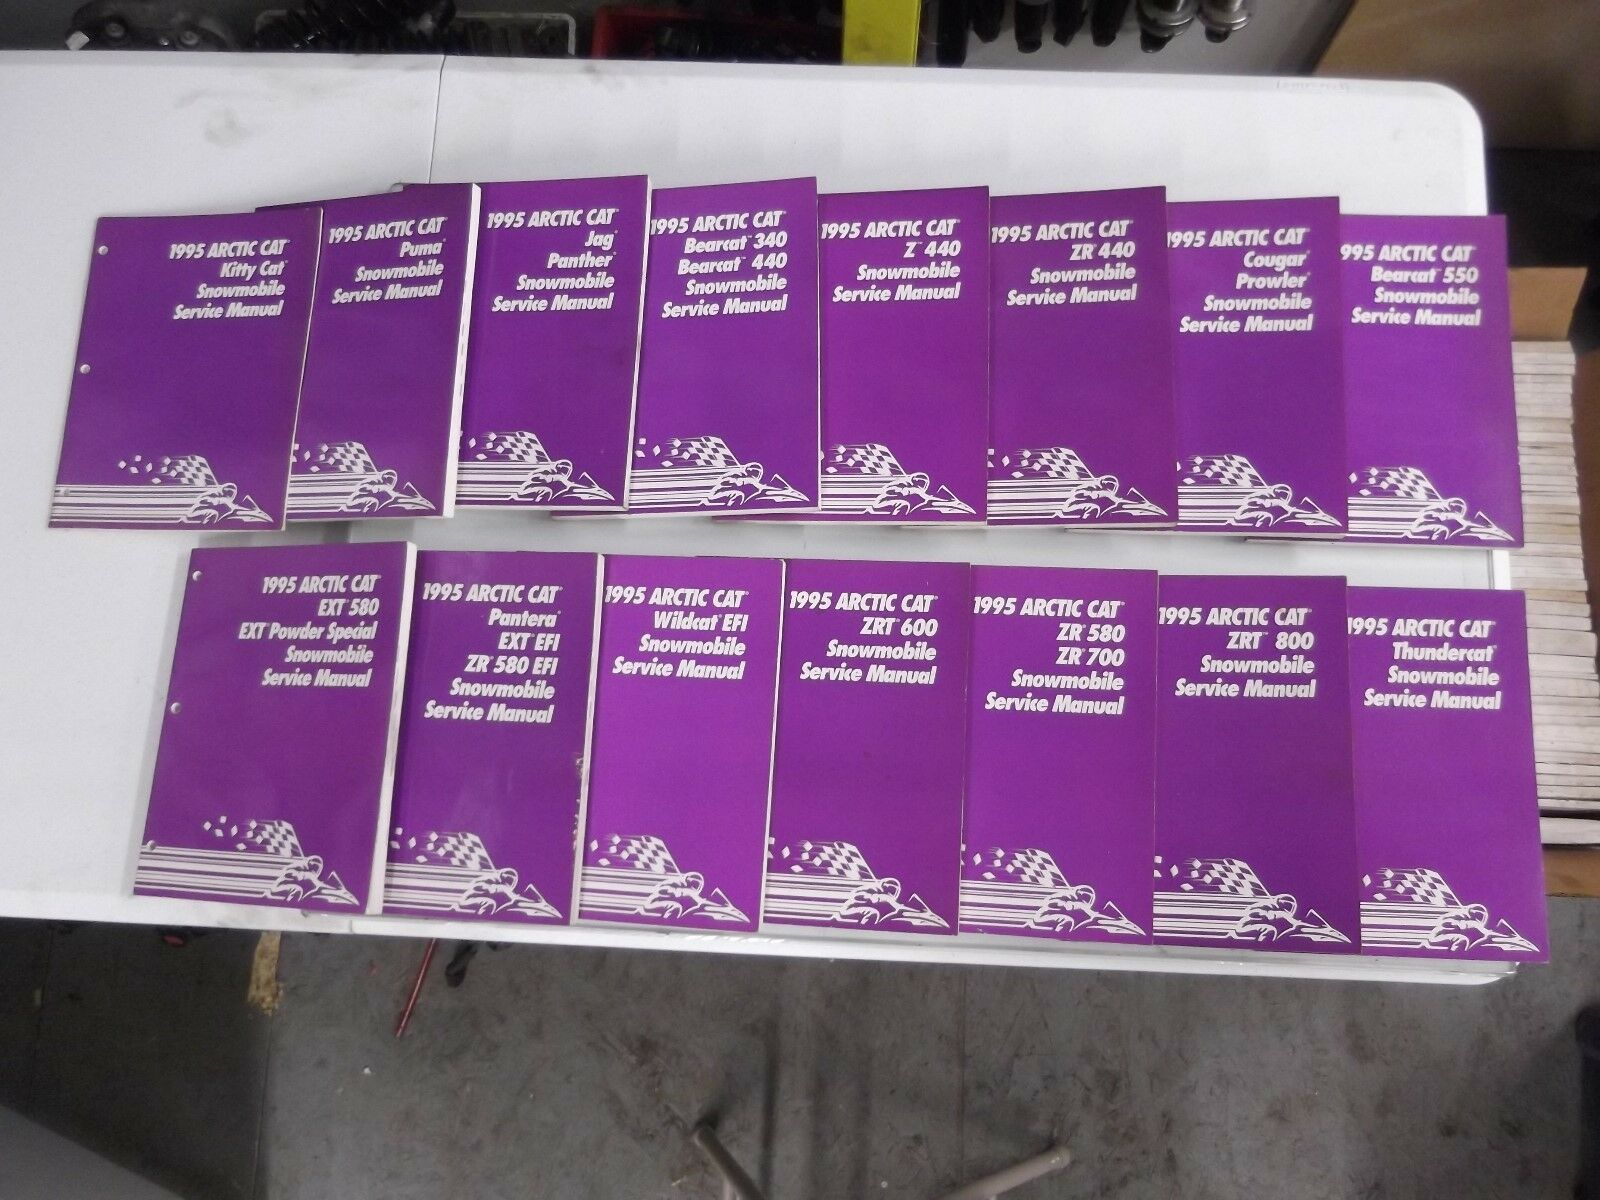 1995 Arctic Cat Service Manual Lot